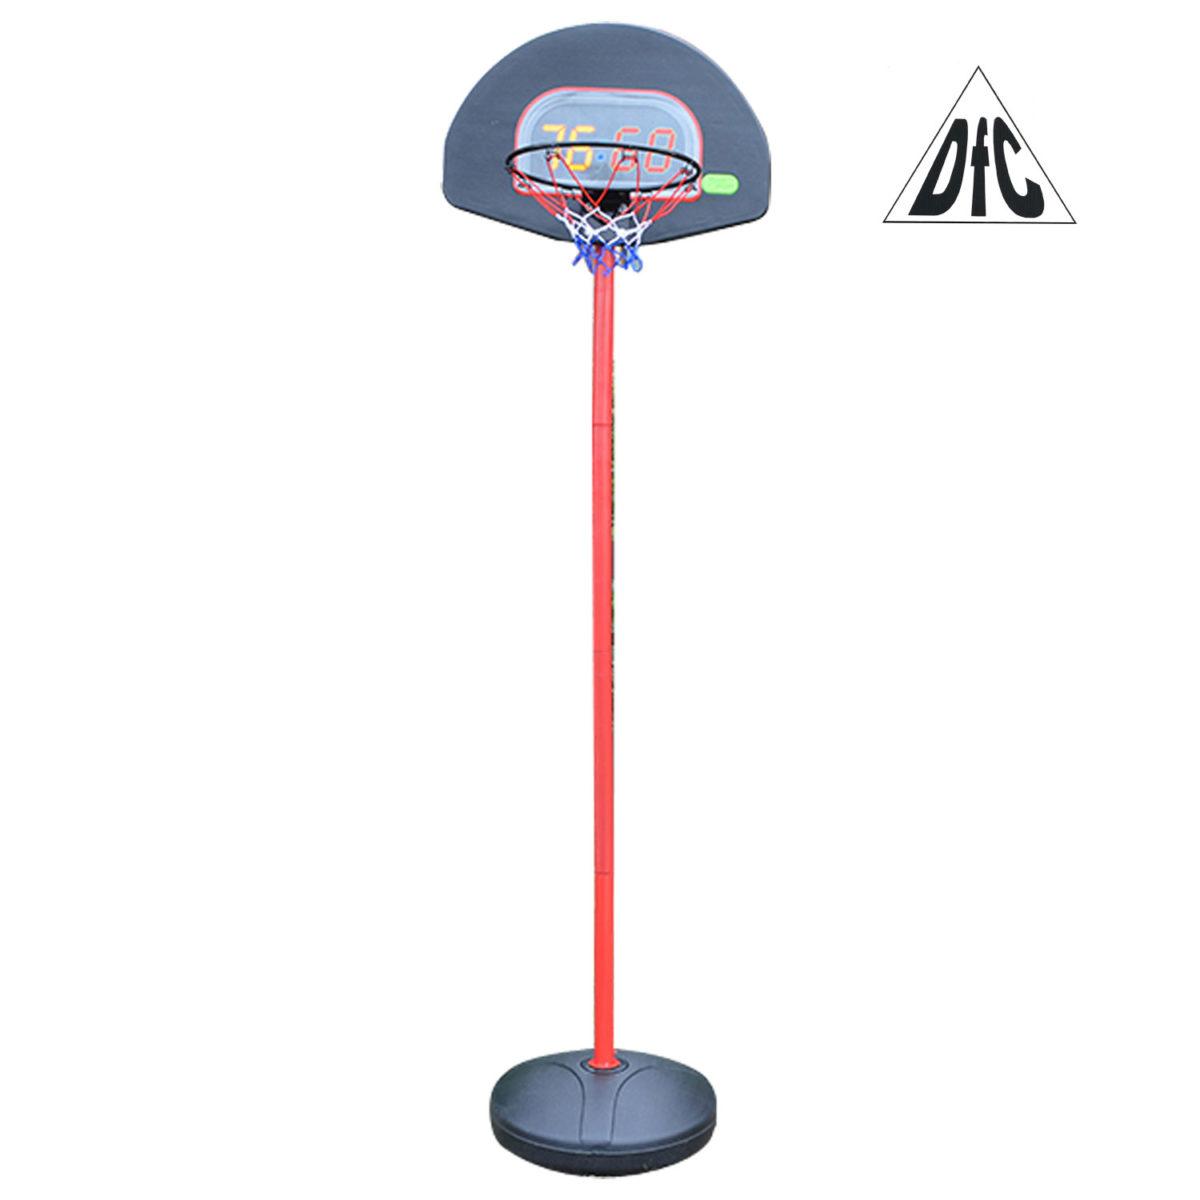 DFC Мобильная баскетбольная стойка  KIDS1 - 1